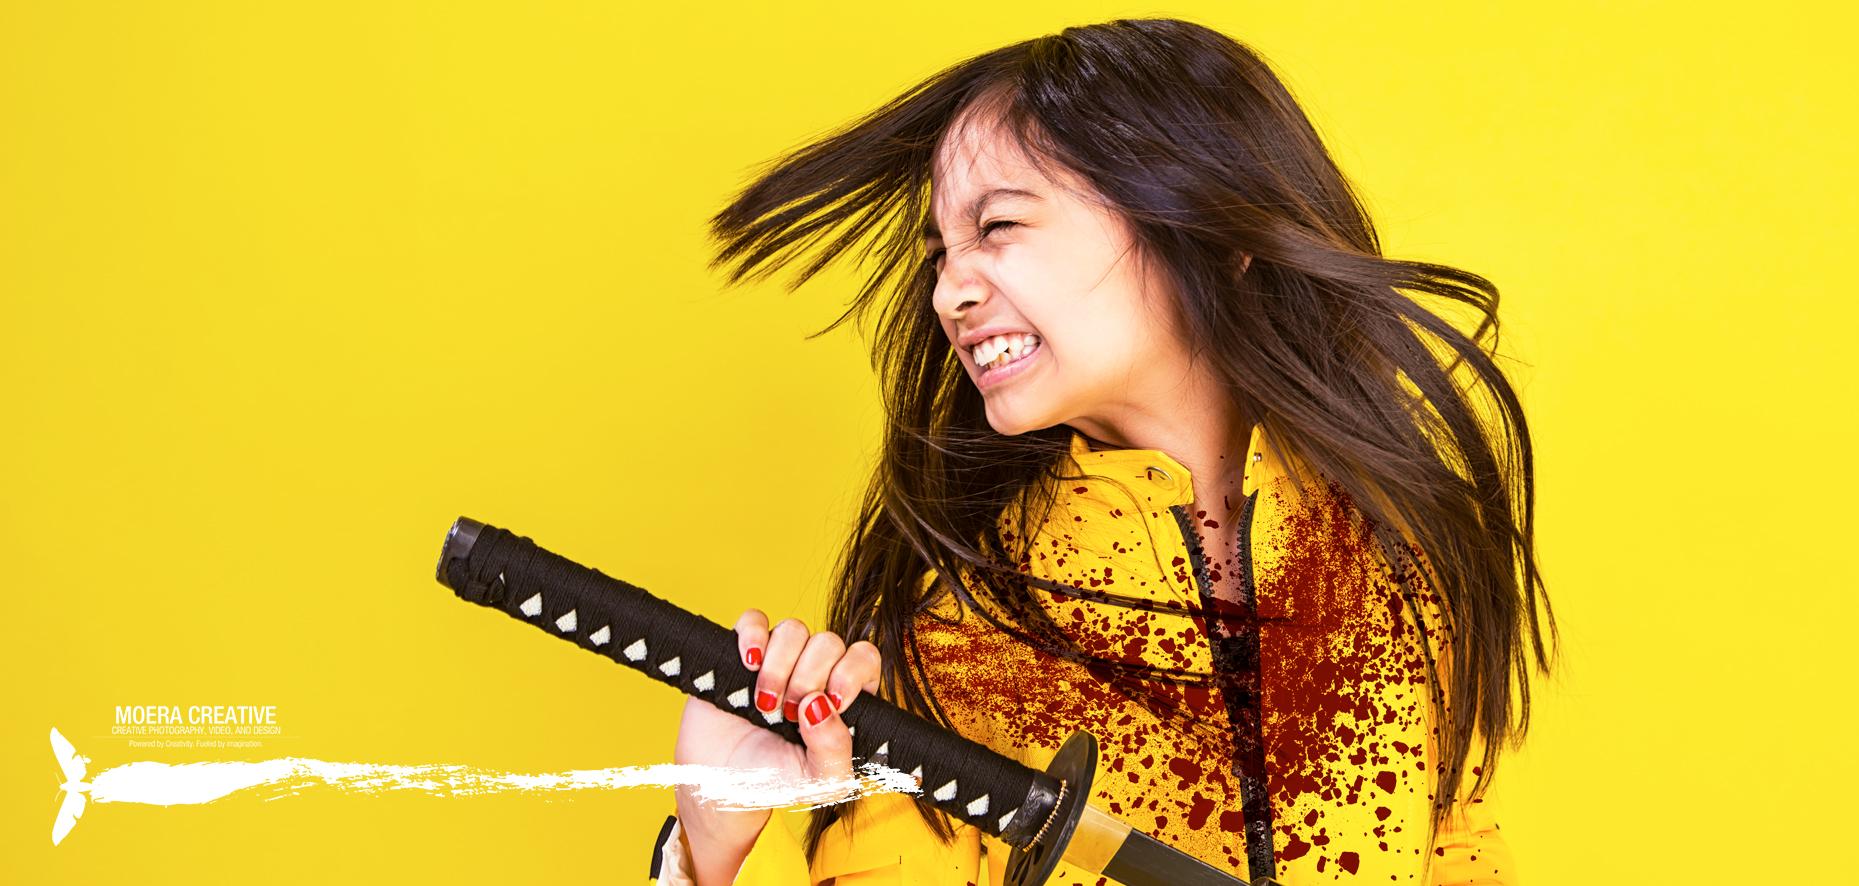 beatrix-kiddo-moeracreative-2